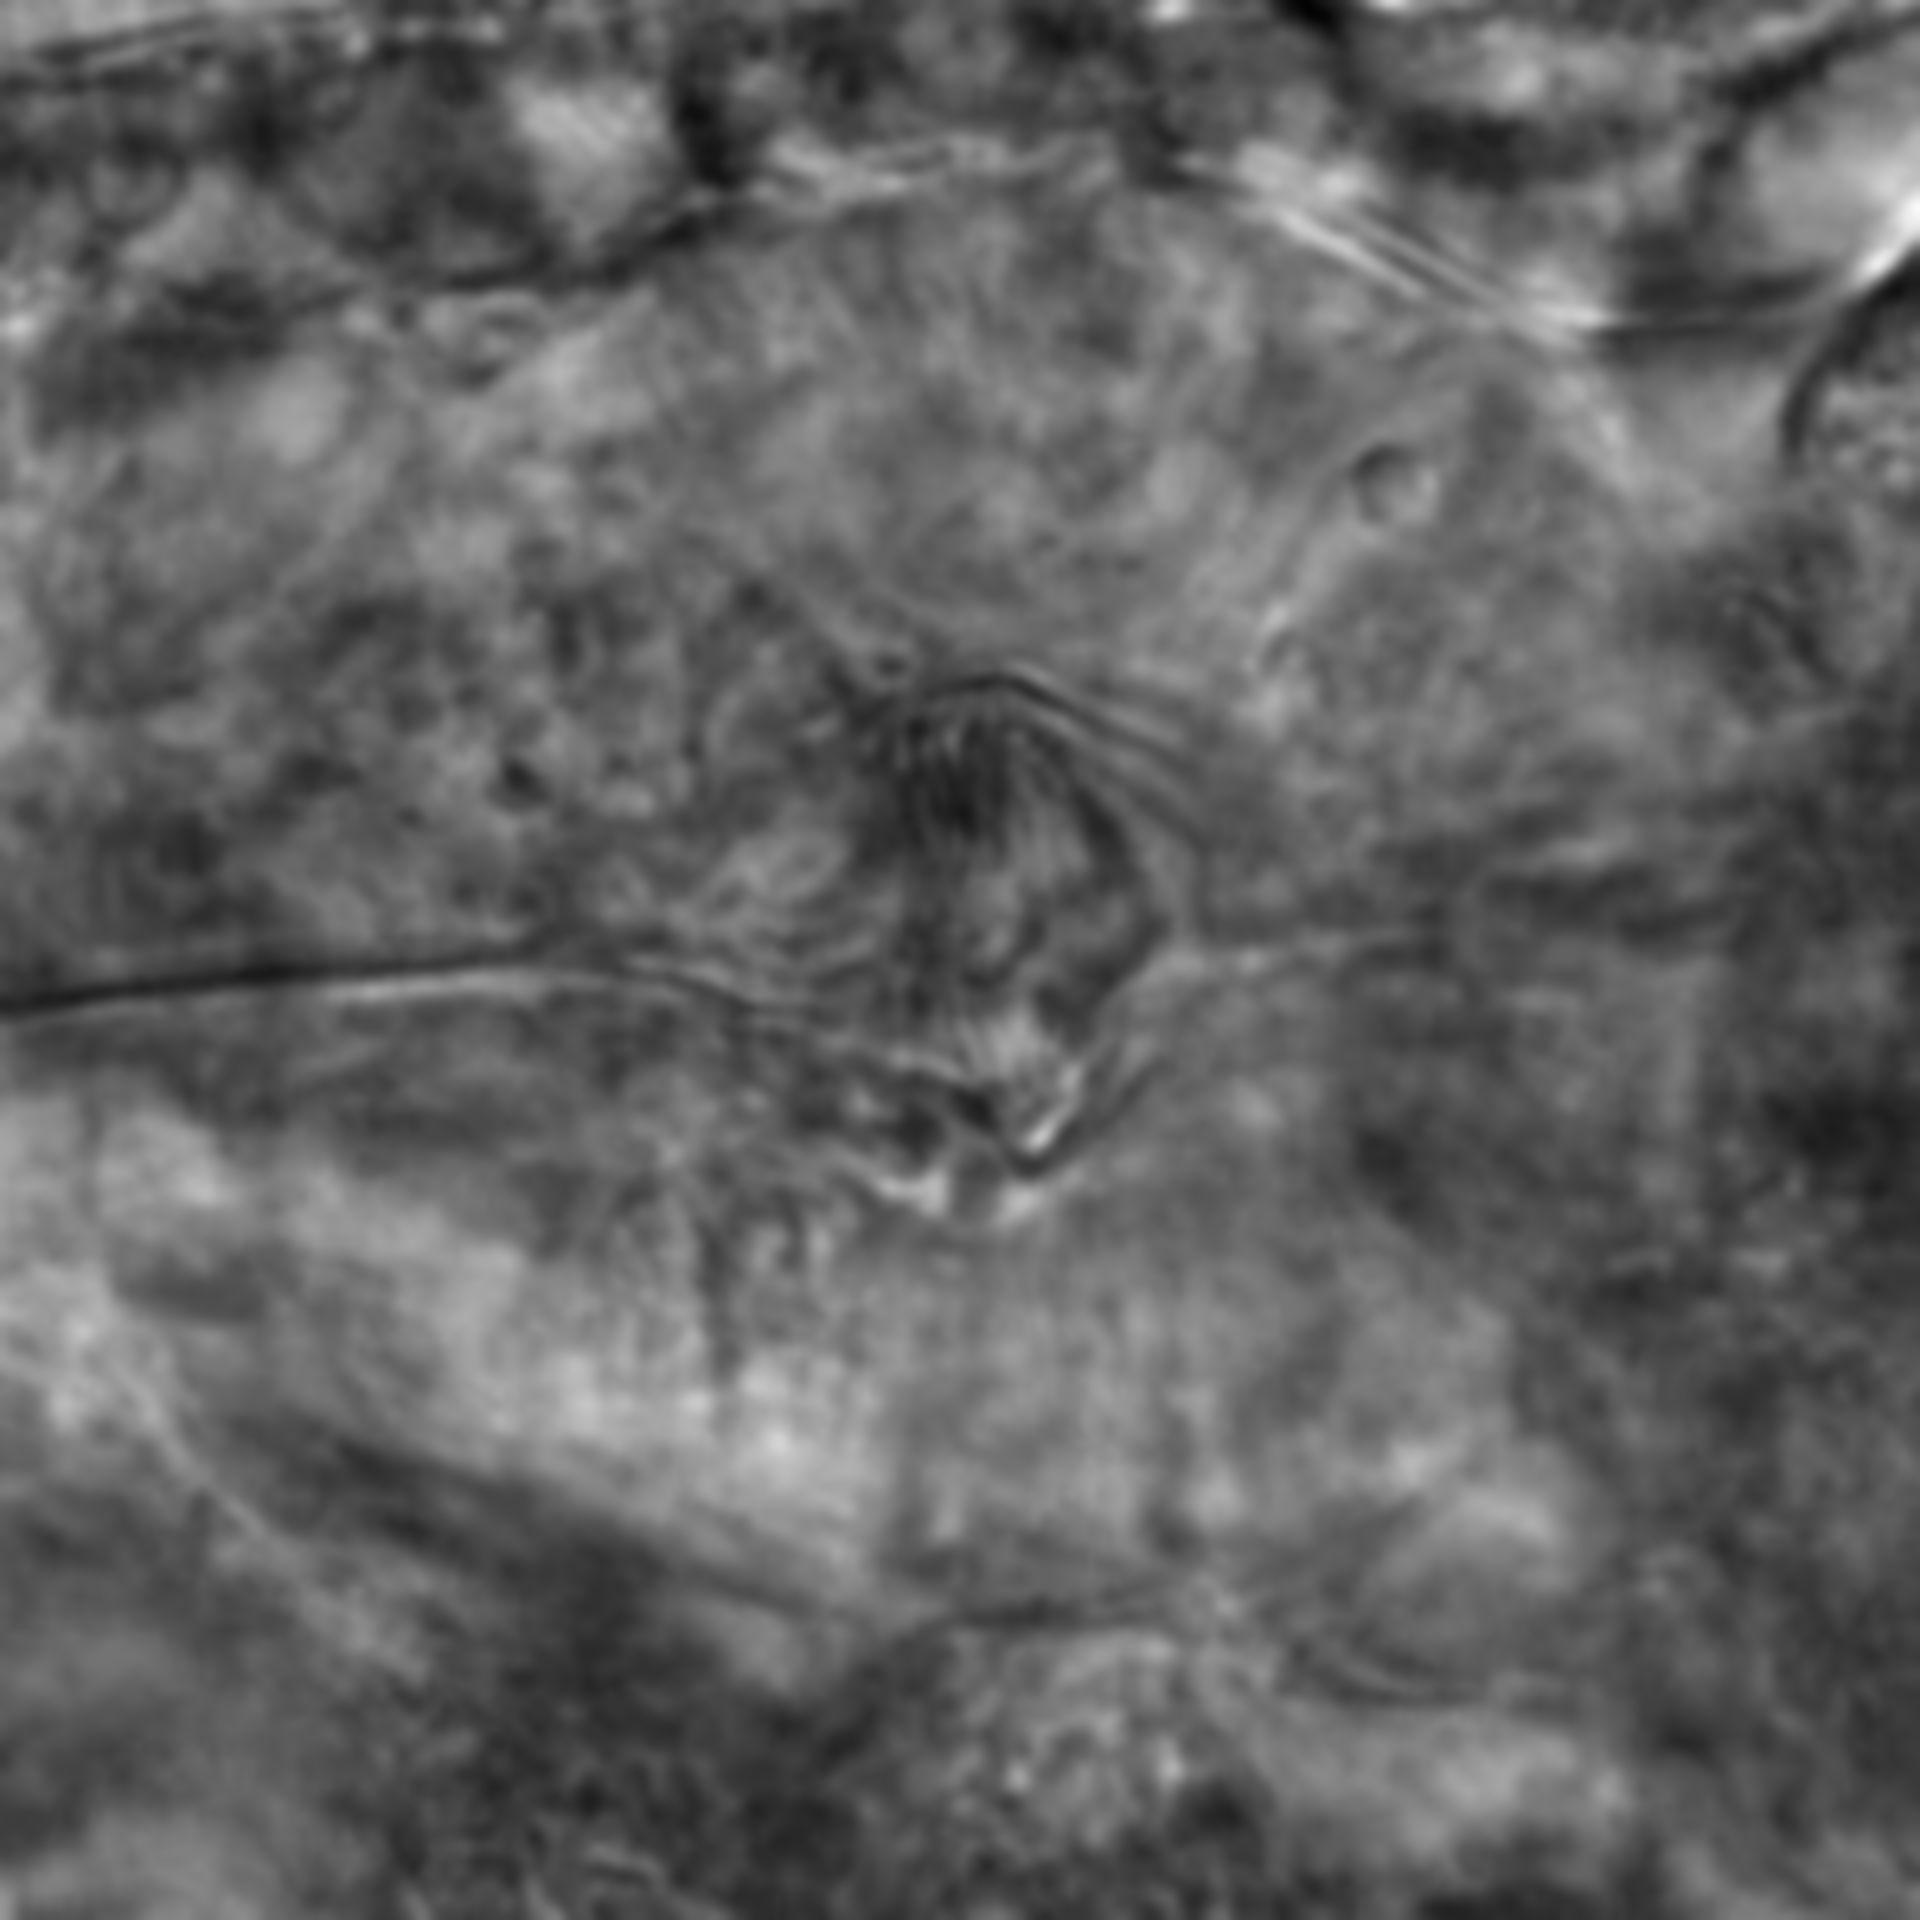 Caenorhabditis elegans - CIL:2248